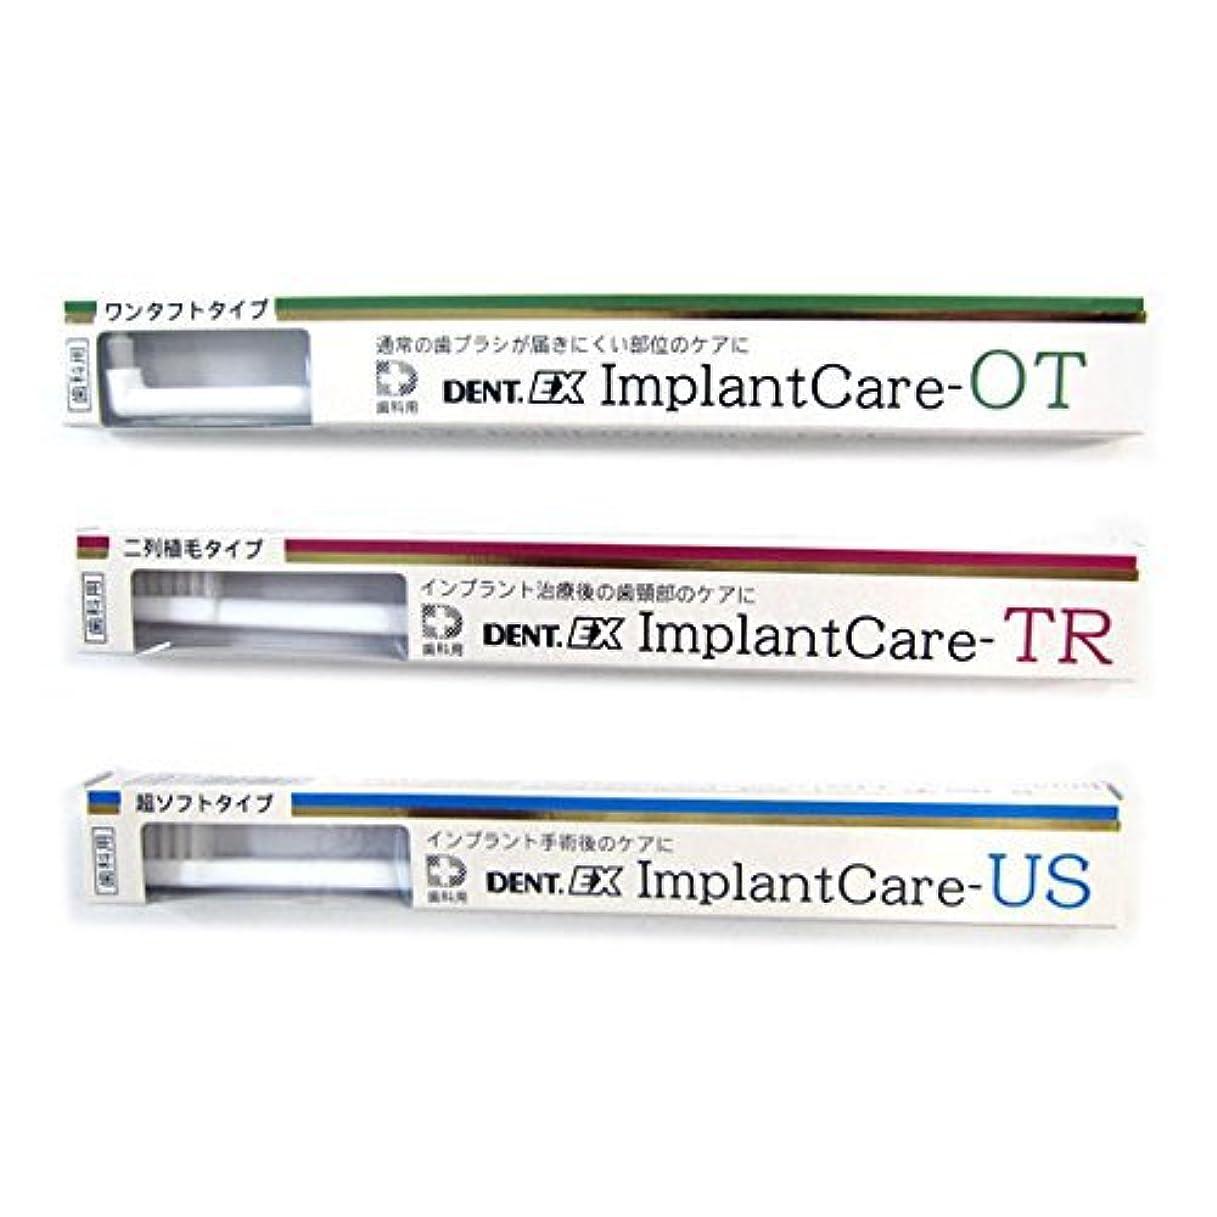 スキップ生持参デント DENT EX ImplantCare インプラントケア 単品 OT(ワンタフト)